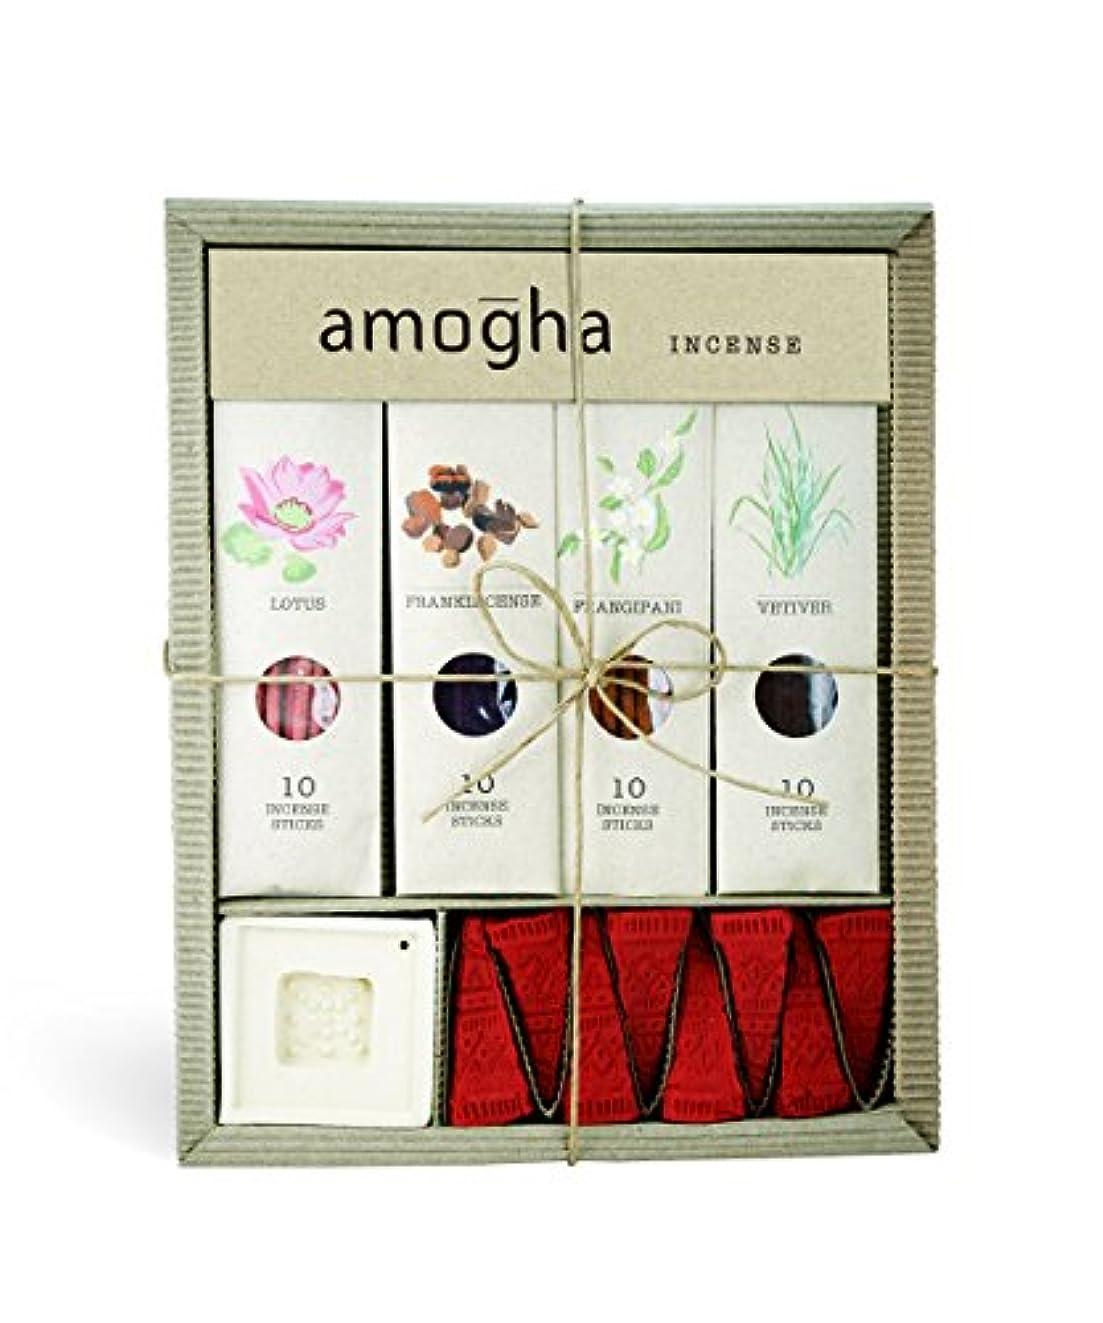 週間弾薬追い越すIris Amogha Incense with 10 Sticks - Lotus, Frankincense, Frangipani & Vetiver Gift Set